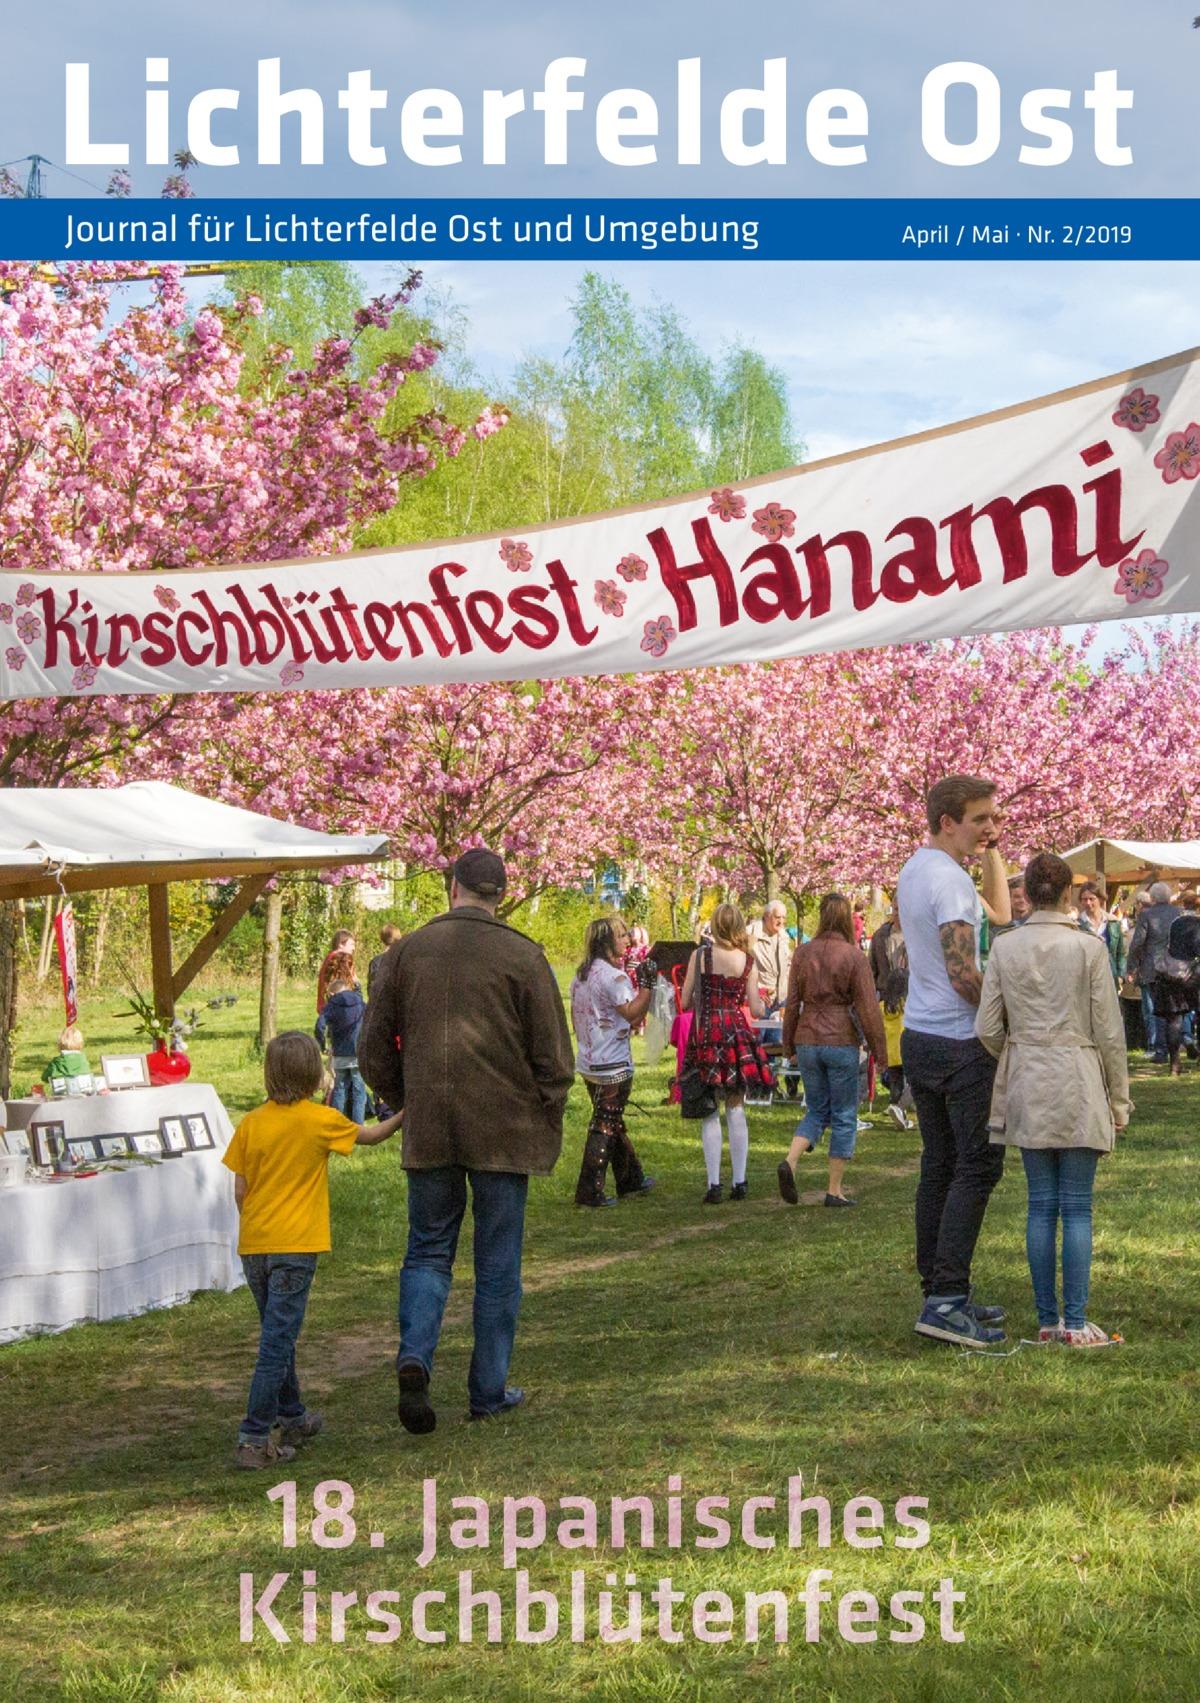 Lichterfelde Ost Journal für Lichterfelde Ost und Umgebung  April / Mai · Nr. 2/2019  18. Japanisches Kirschblütenfest